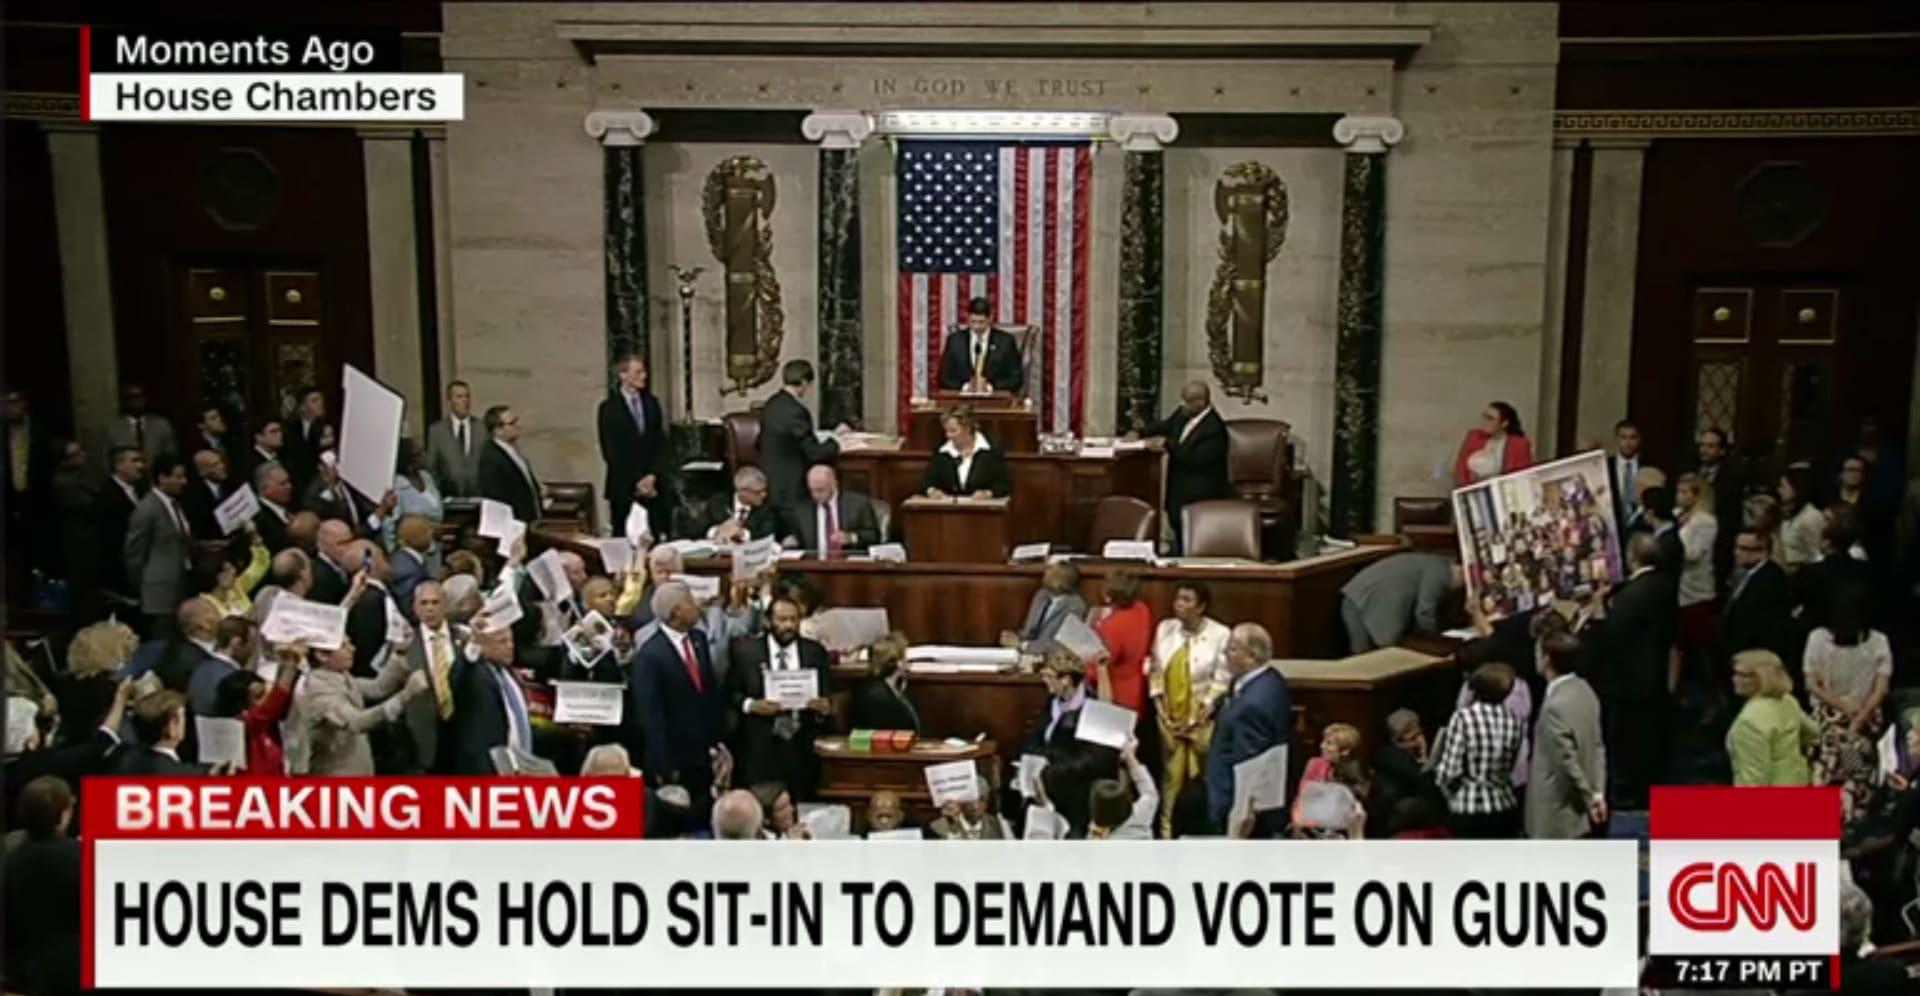 """أمريكا: """"العار العار العار"""".. صراخ وغناء بقاعة مجلس النواب إثر مواجهة درامية لفض اعتصام الديمقراطيين"""